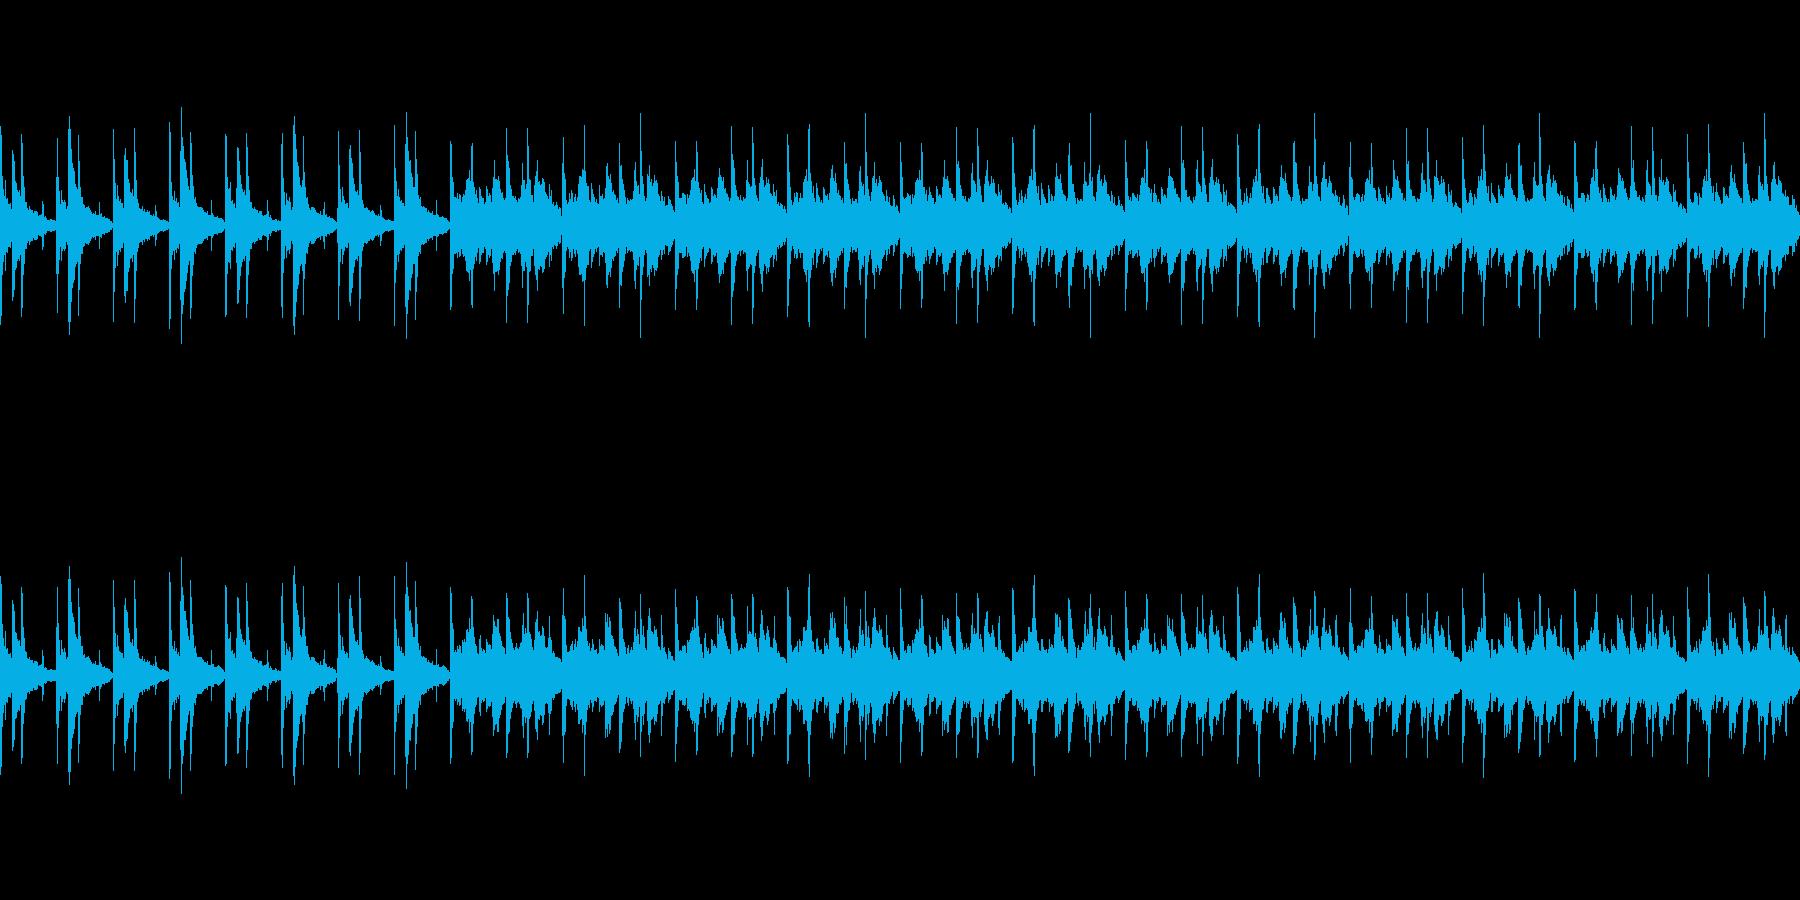 アコースティックギター(悲しい感じ)の再生済みの波形